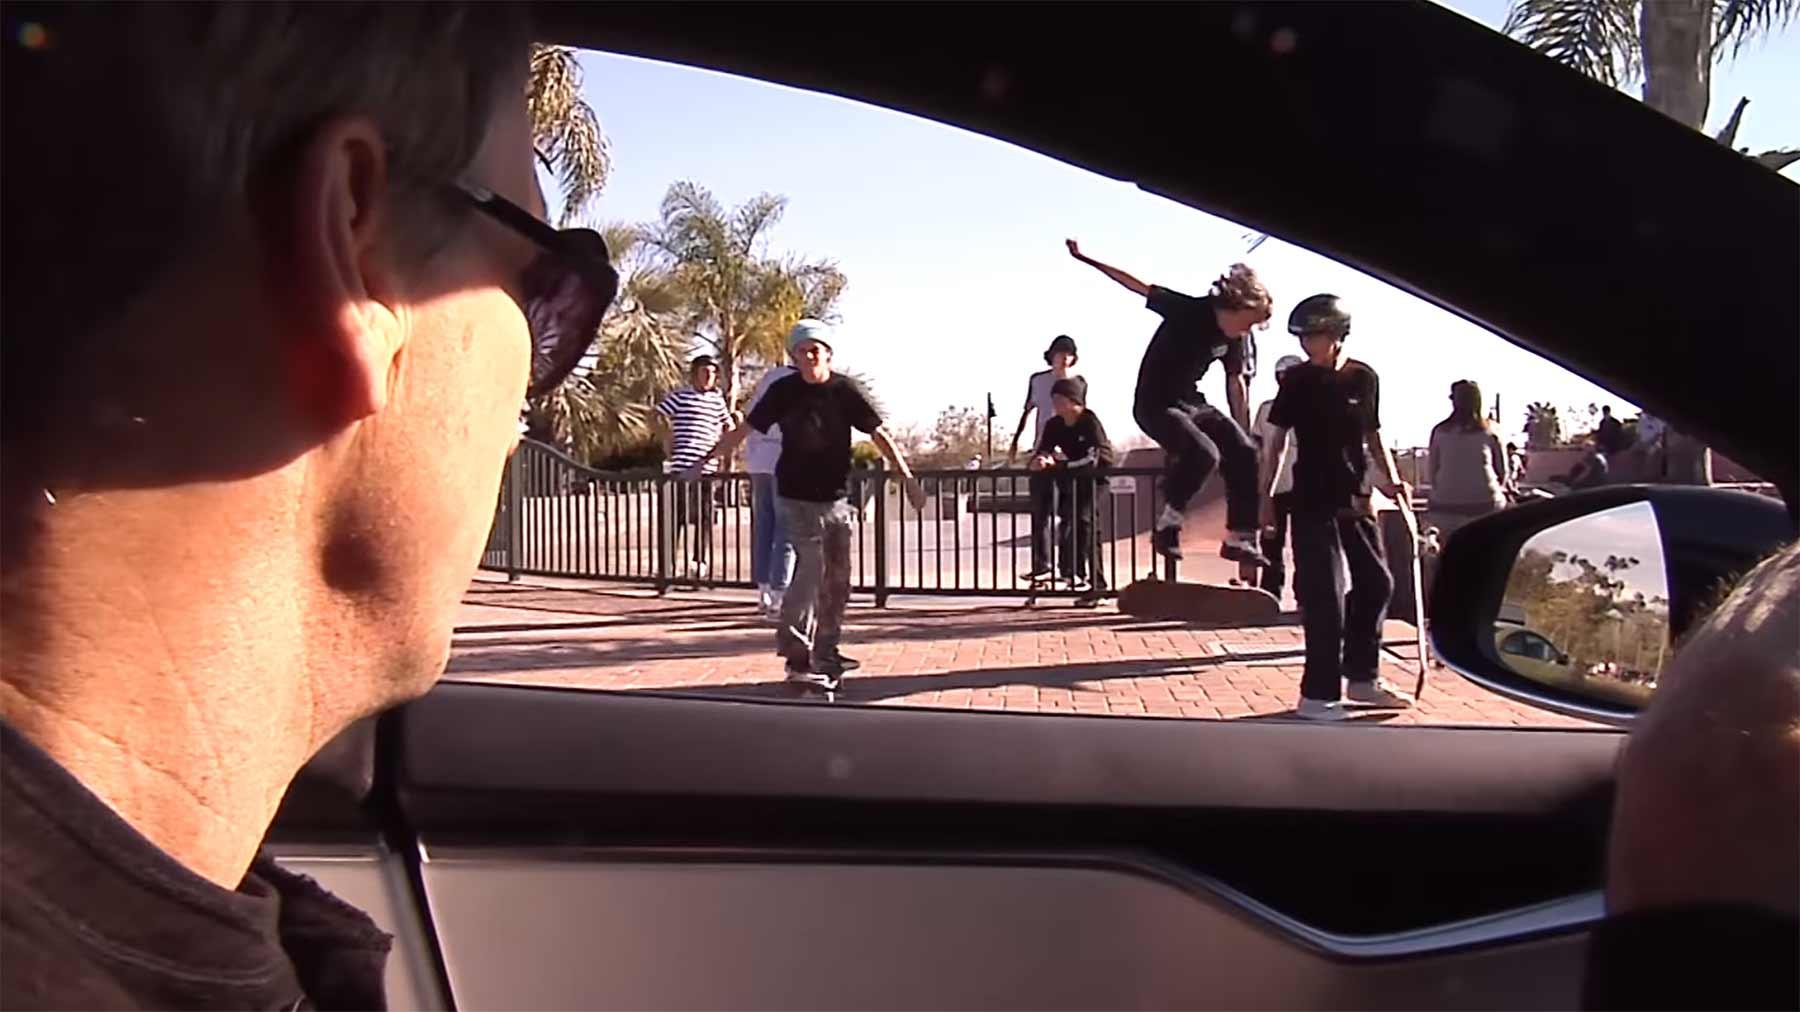 Tony Hawk fordert Skateboarder aus dem Auto heraus auf, einen Kickflip zu machen tony-hawk-do-a-kickflip